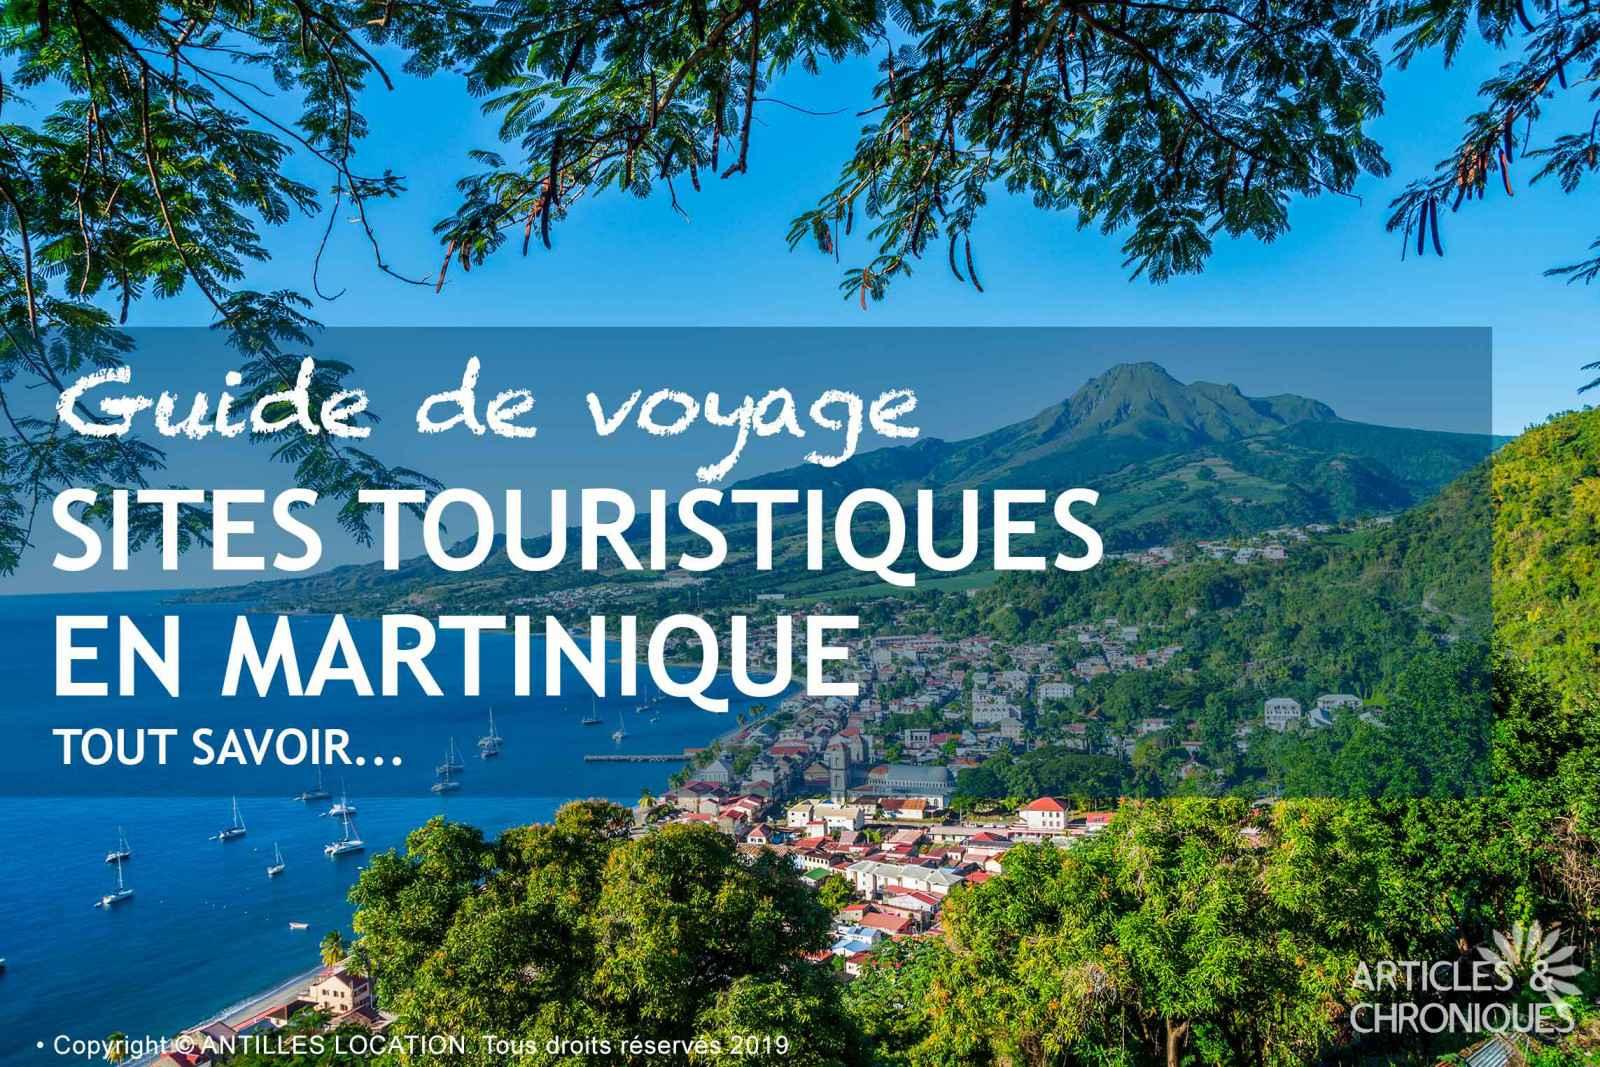 tourisme en martinique